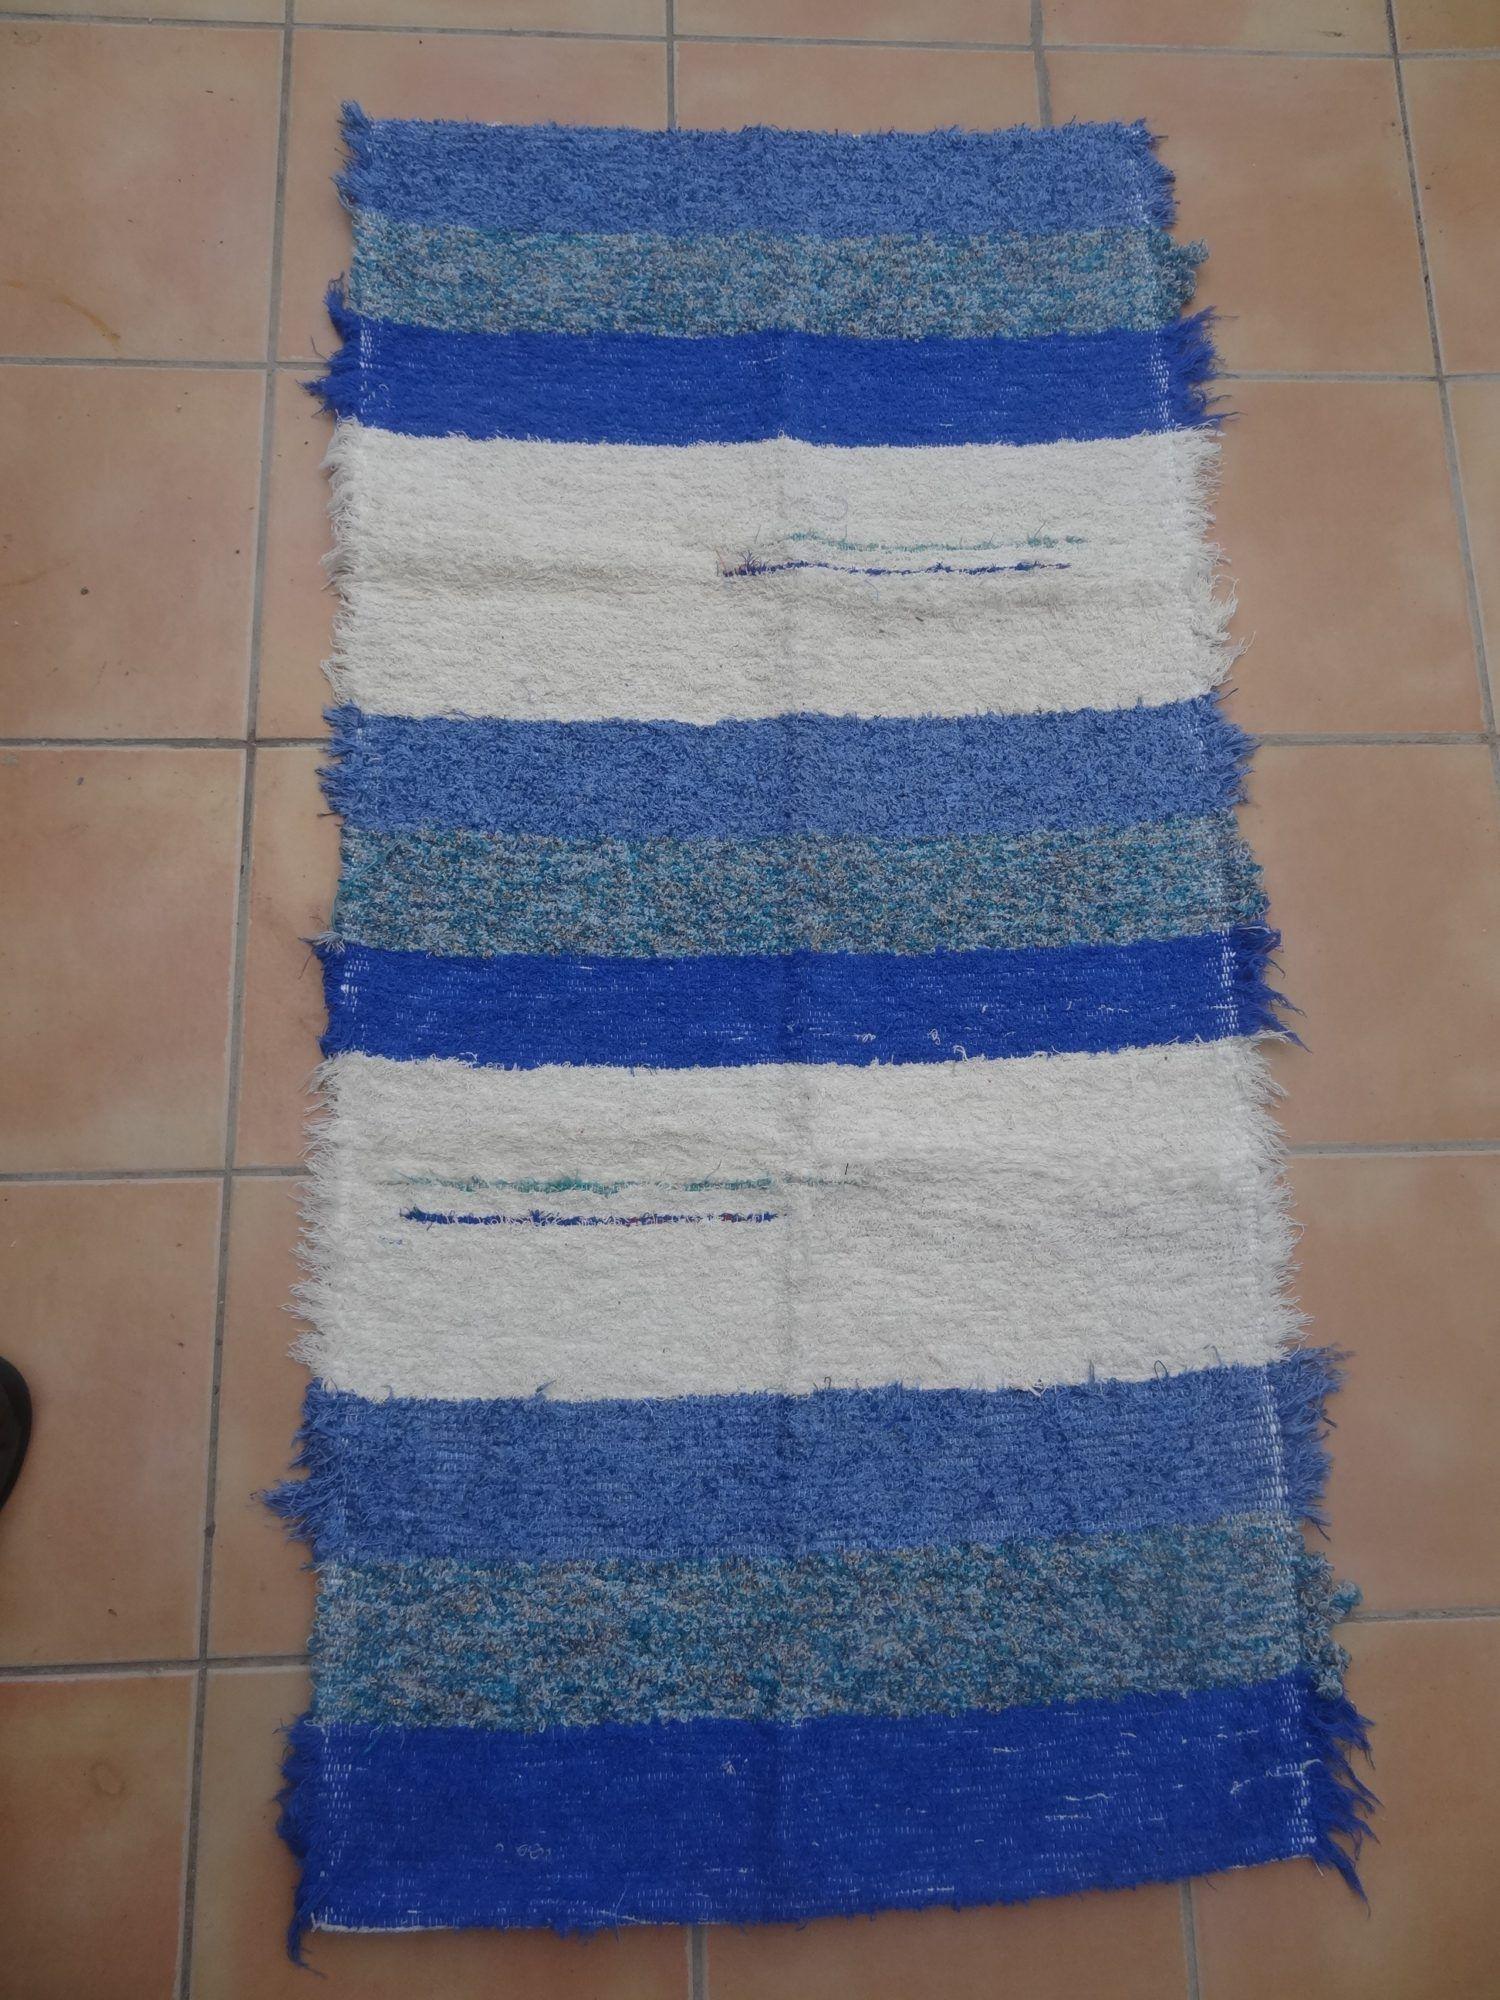 Tonos azules jarapa hilacar artesanos alpujarra bubi n - Tonos azules ...